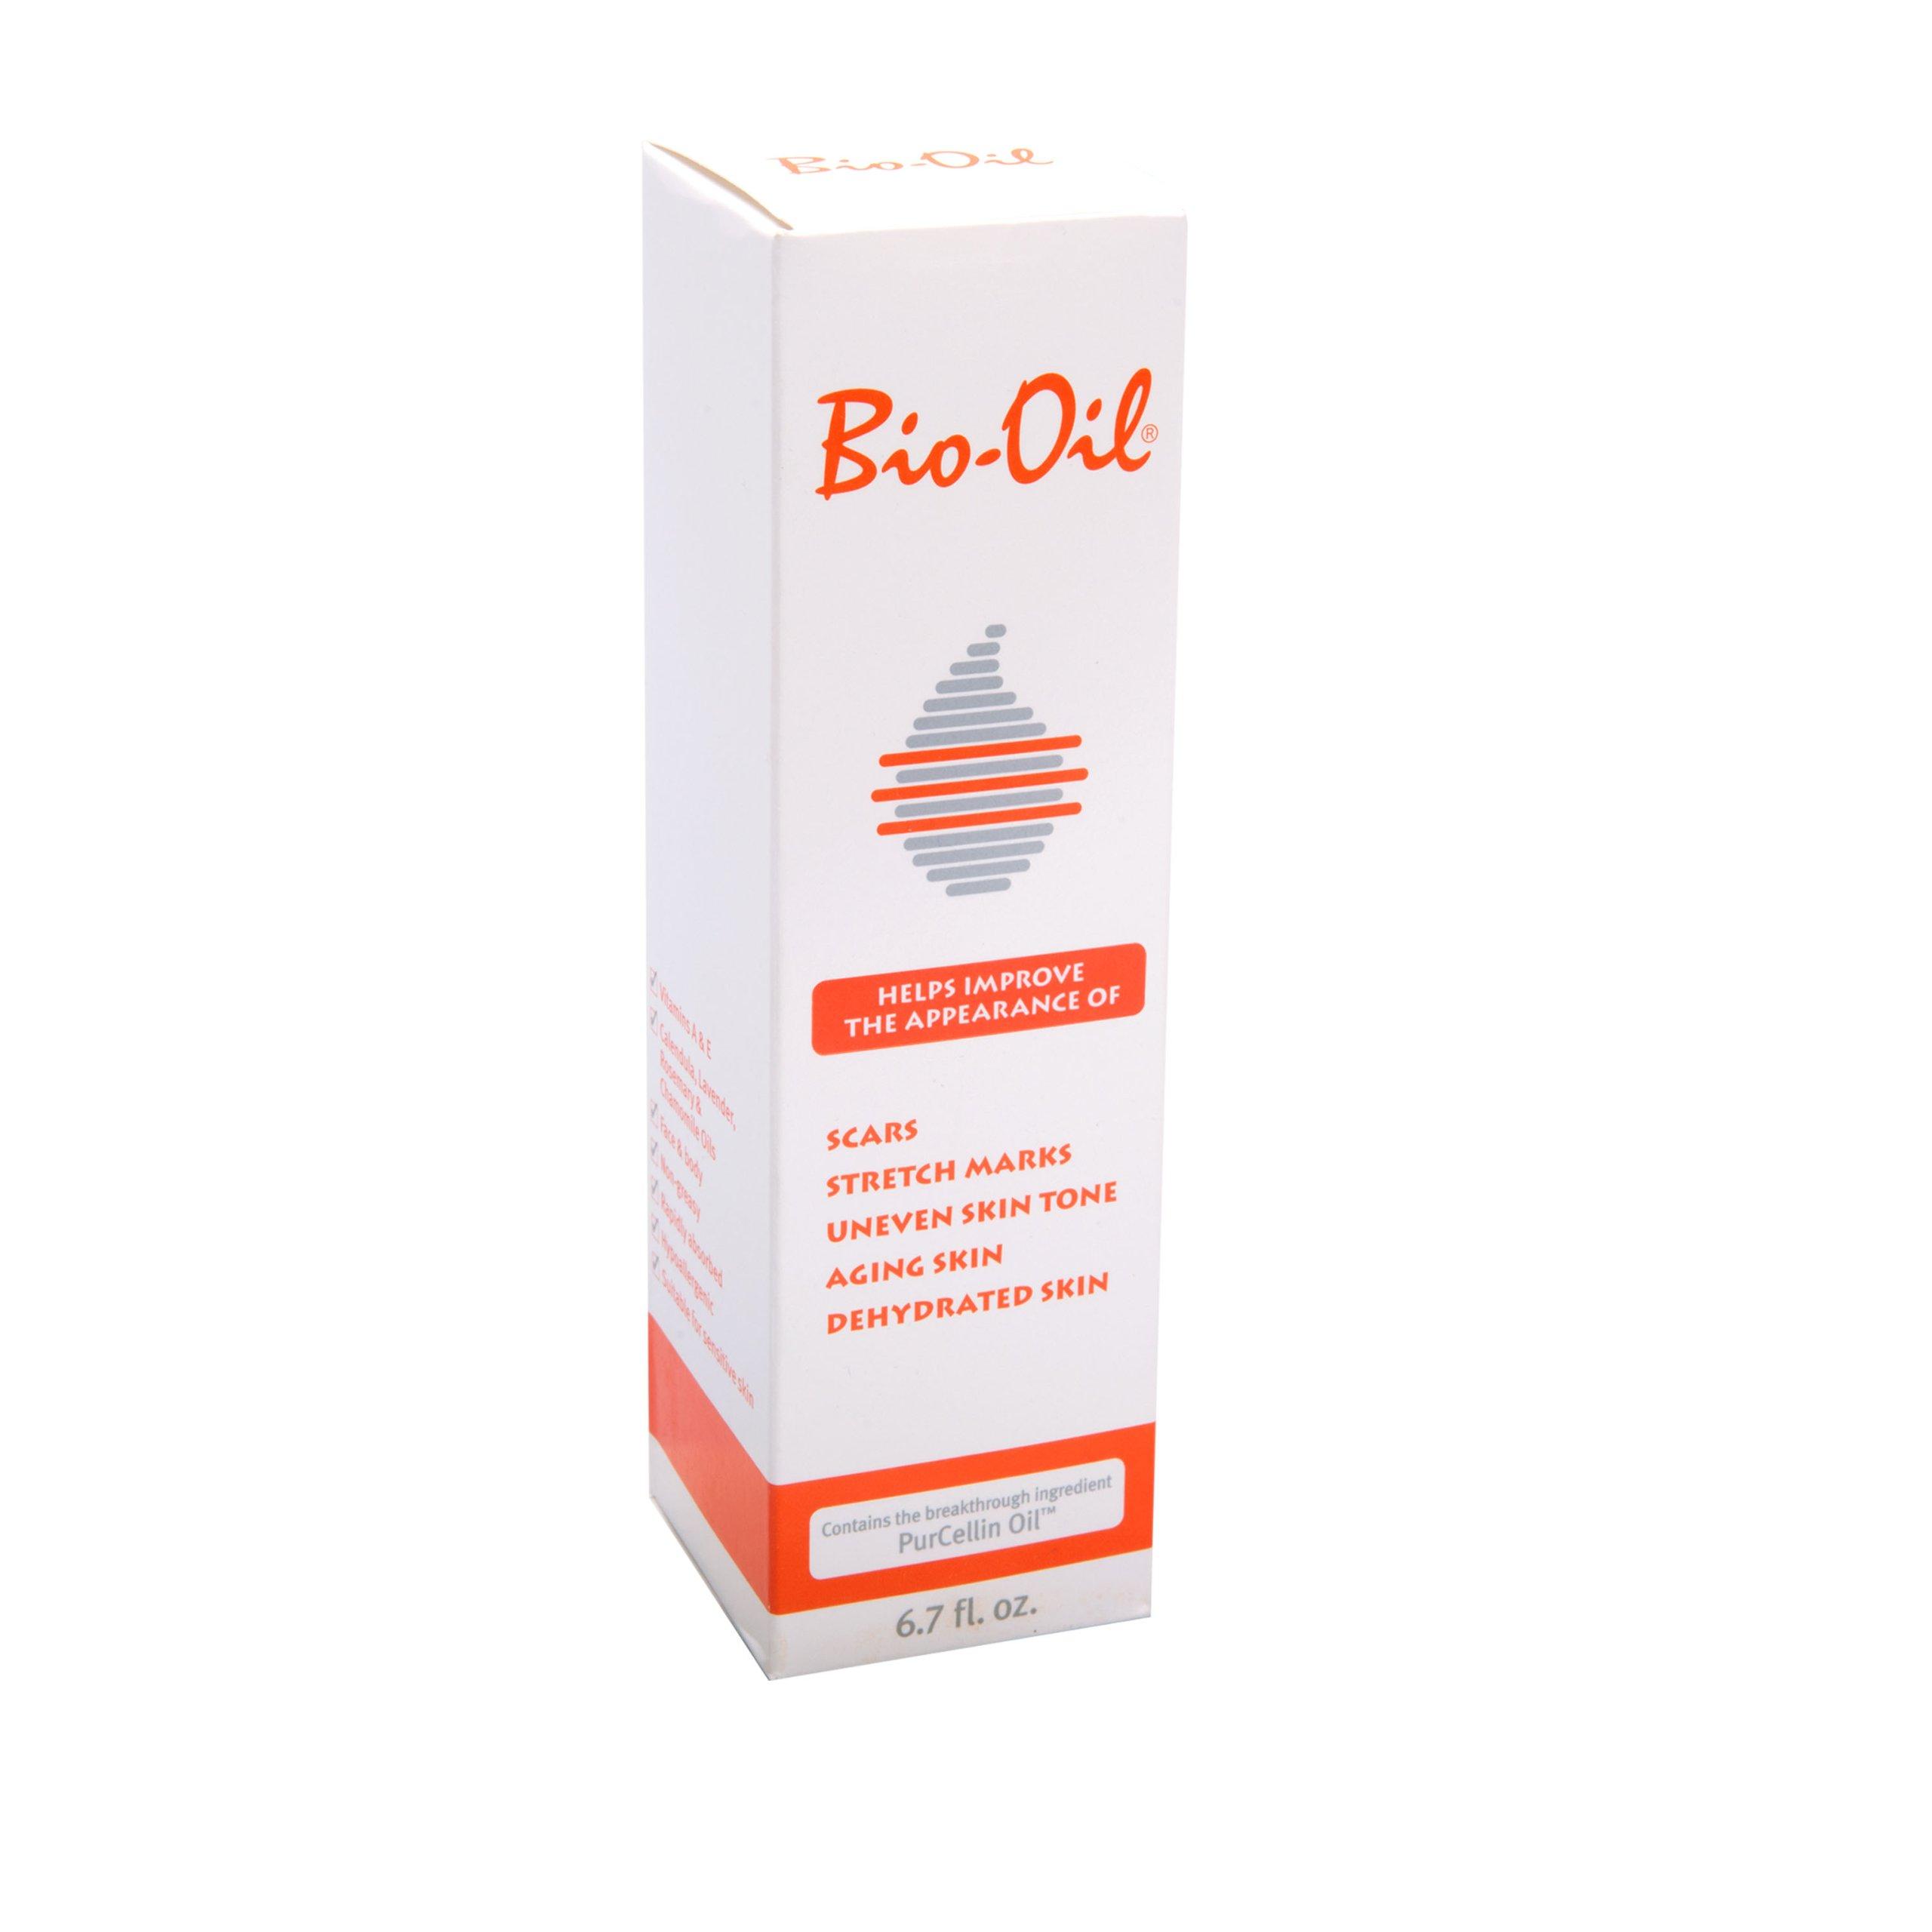 Buy Skin Care Bio Now!